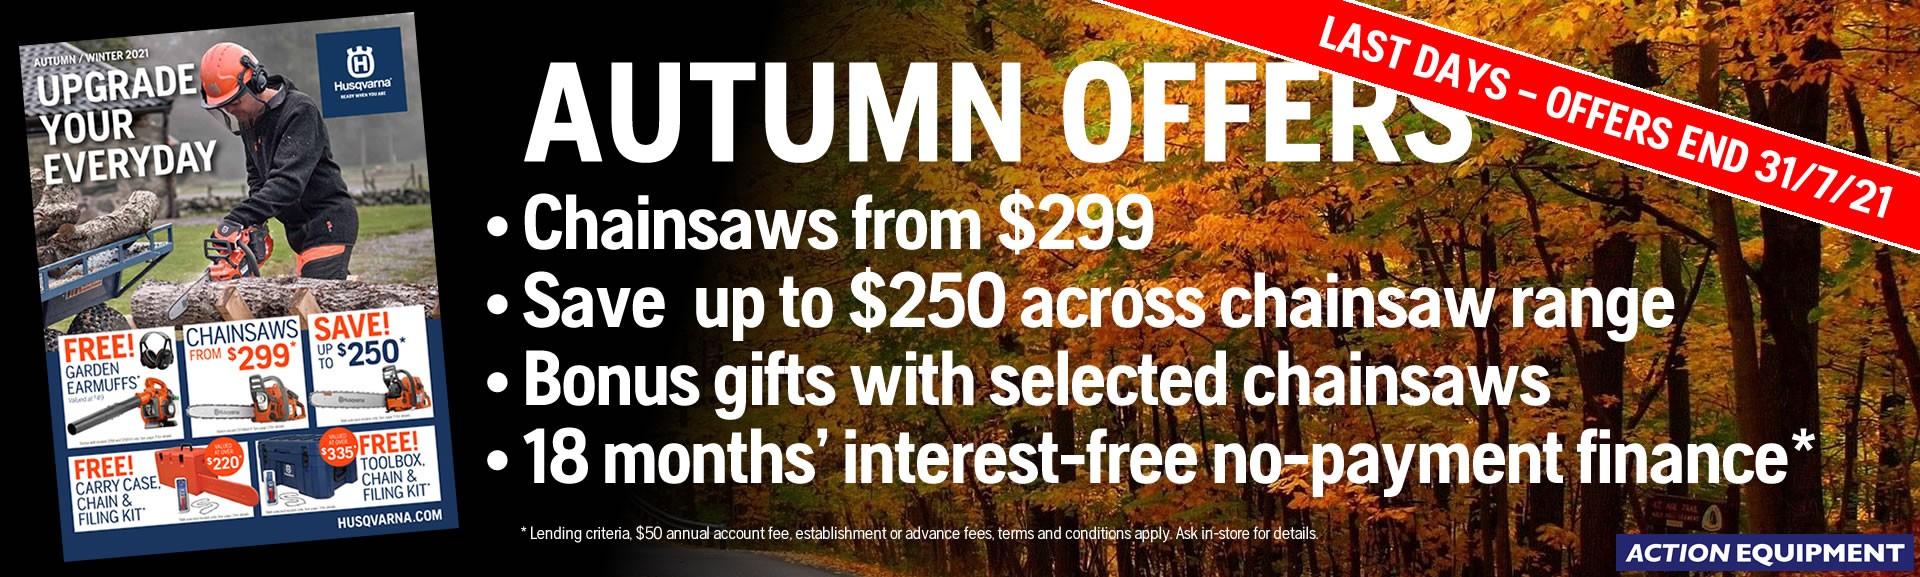 Husqvarna Autumn Savings 2021